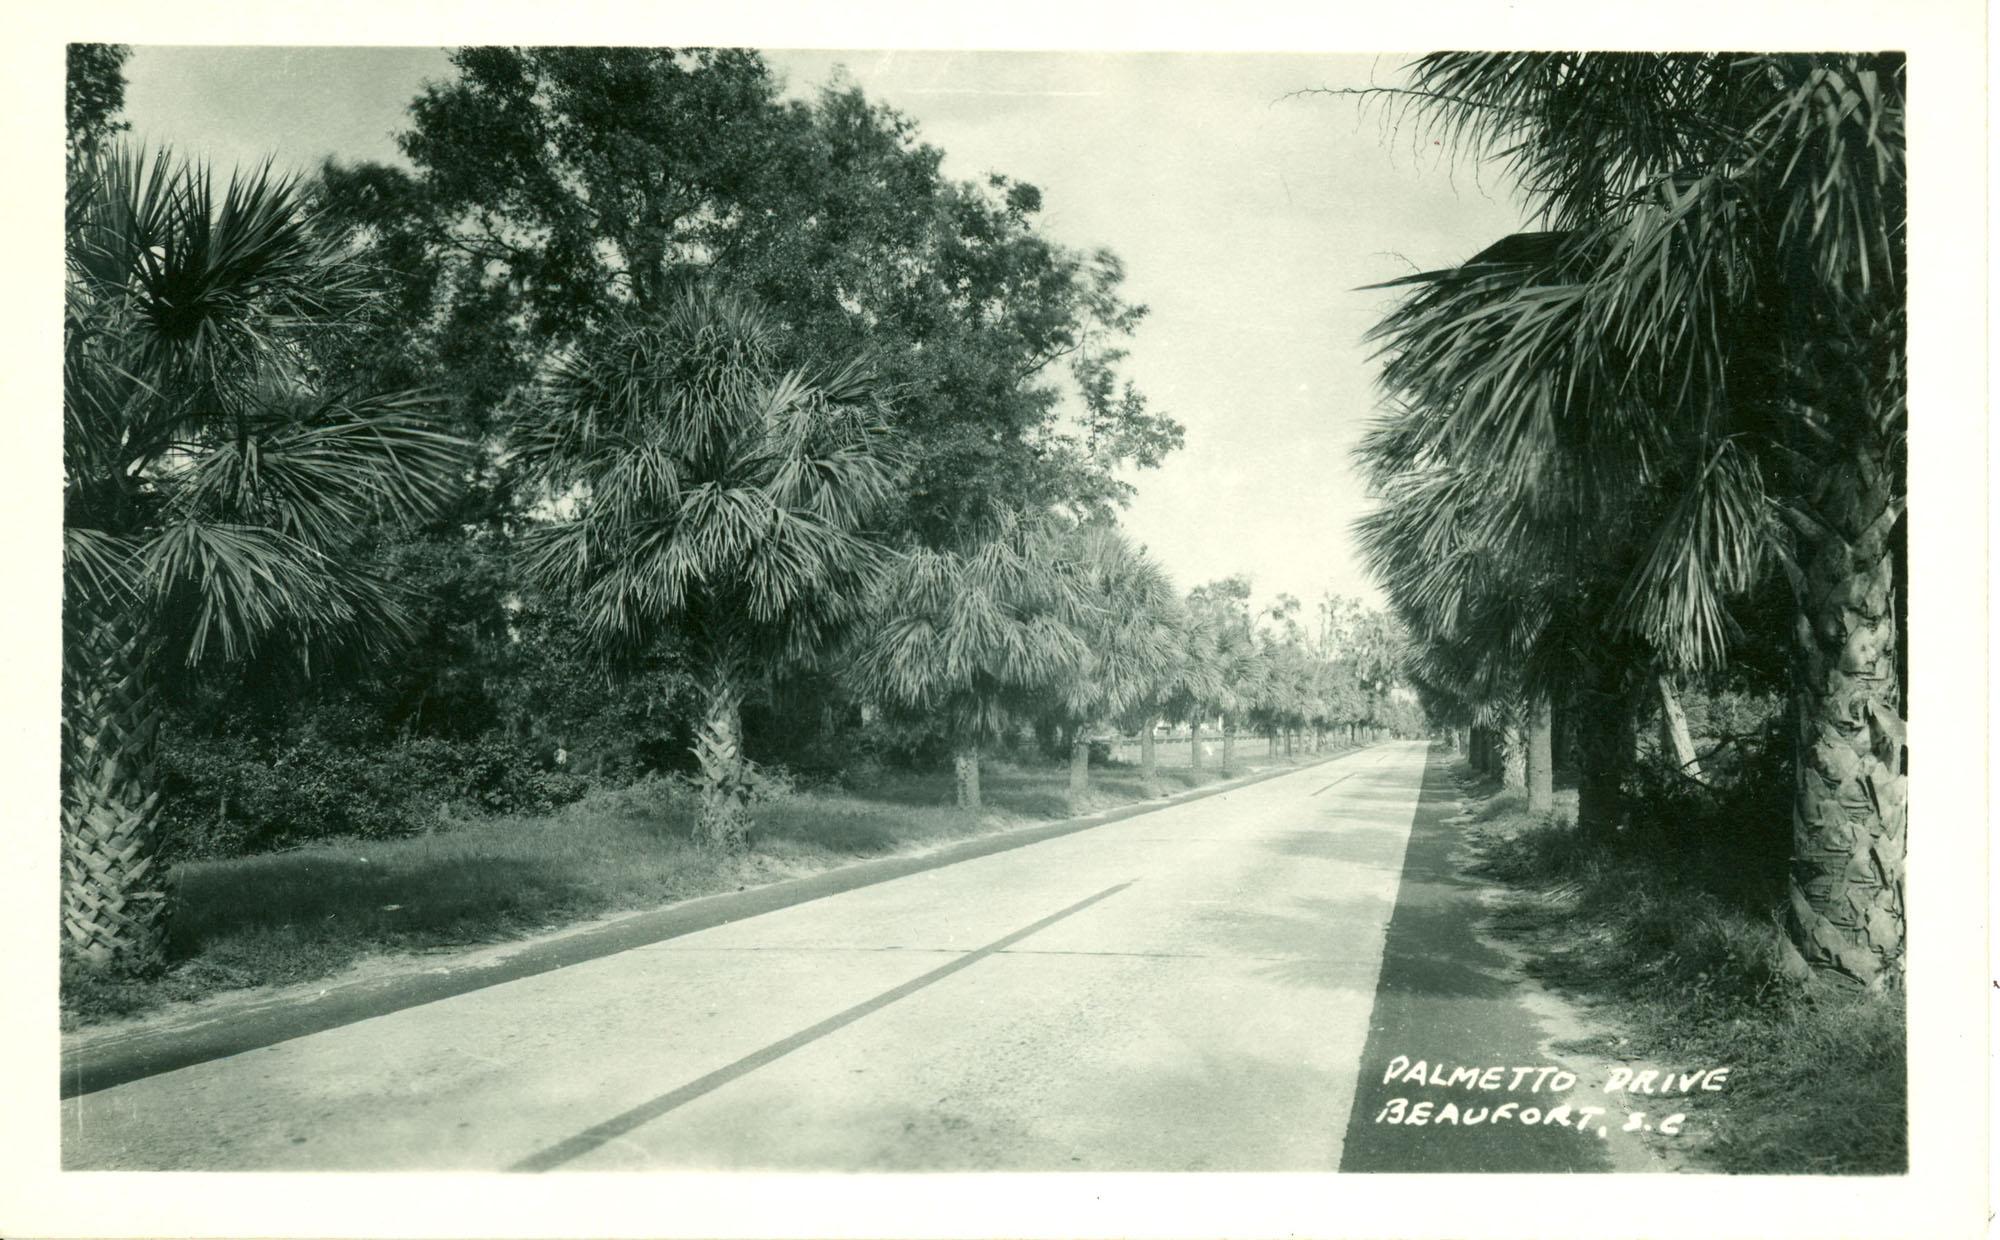 Palmetto Drive, Beaufort, S.C.